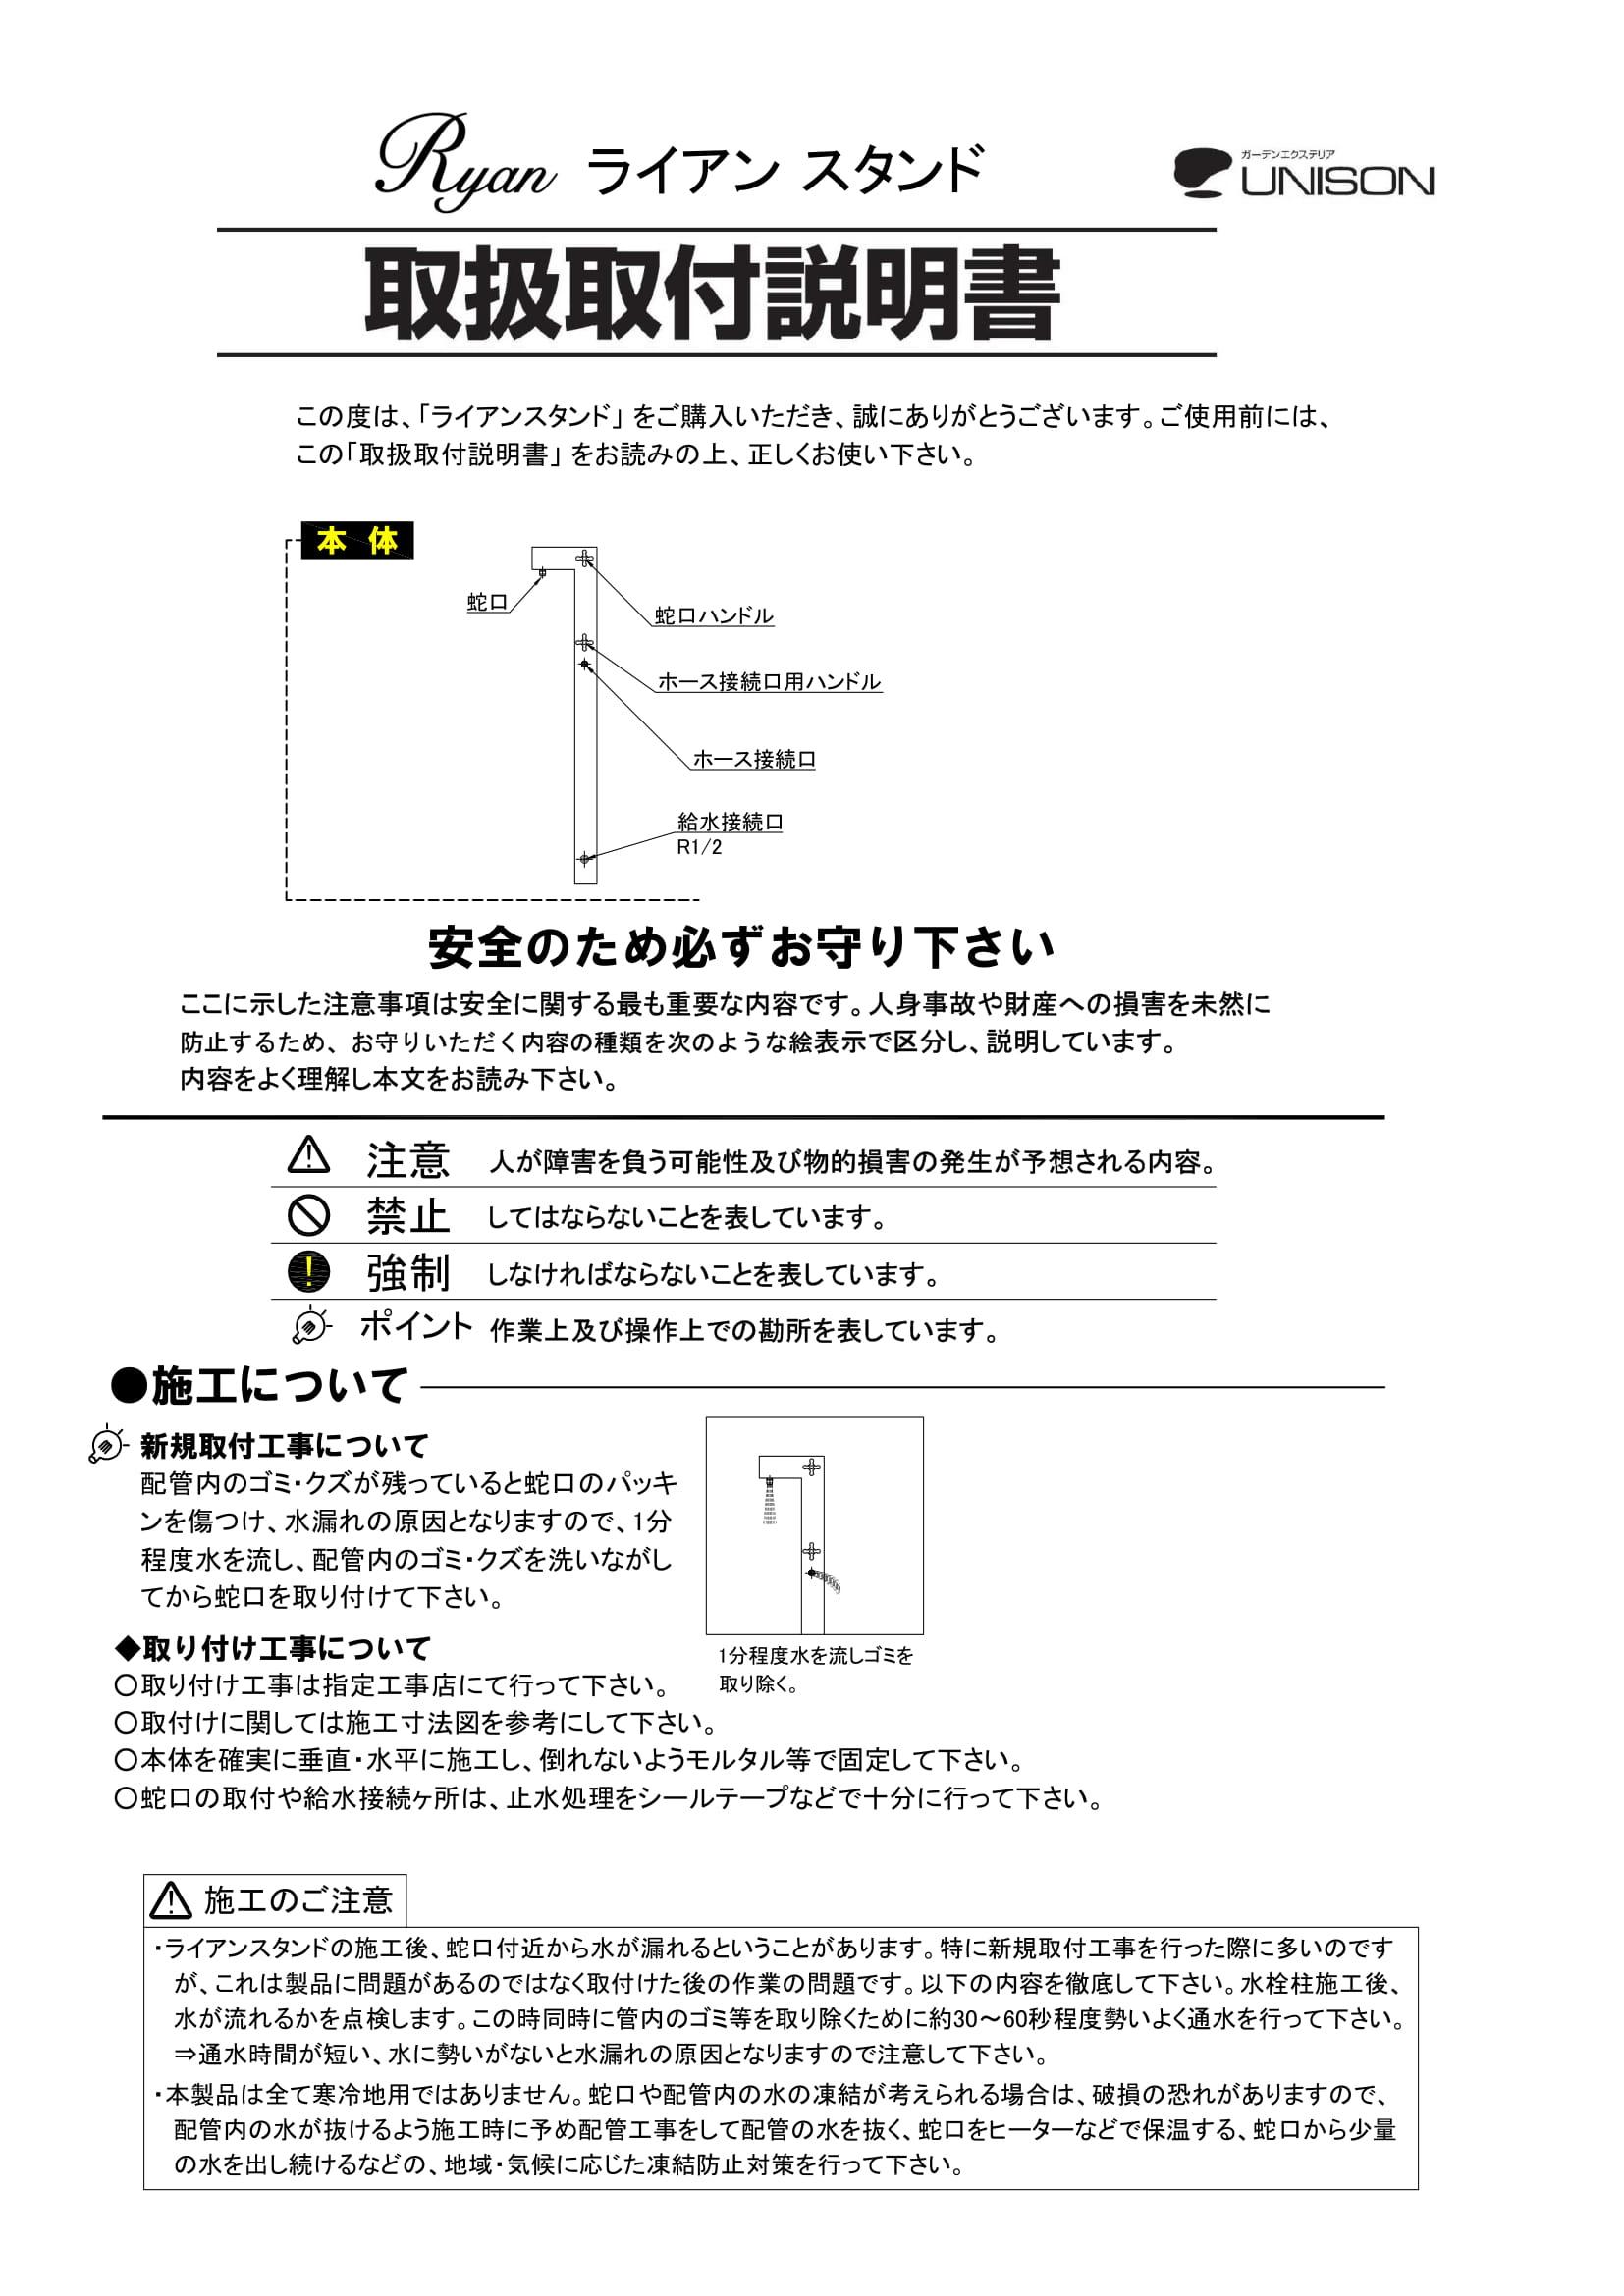 ライアンスタンド_取扱説明書-1